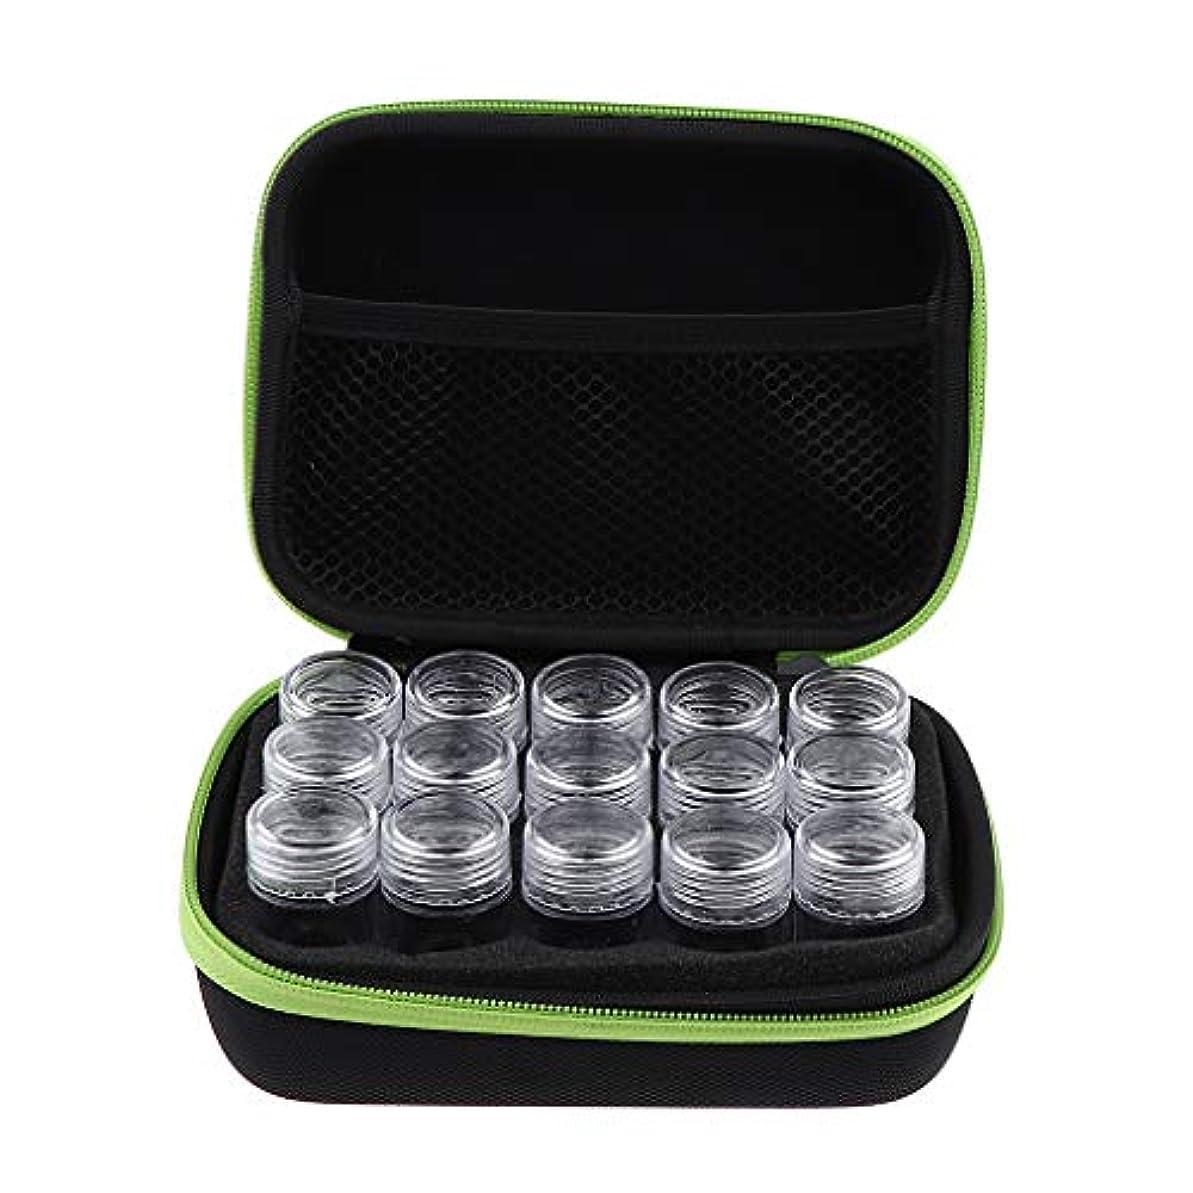 例外ジャンピングジャックアロマポーチ エッセンシャルオイル ケース 携帯用 メイクポーチ 精油ケース 大容量 15本用 - 緑